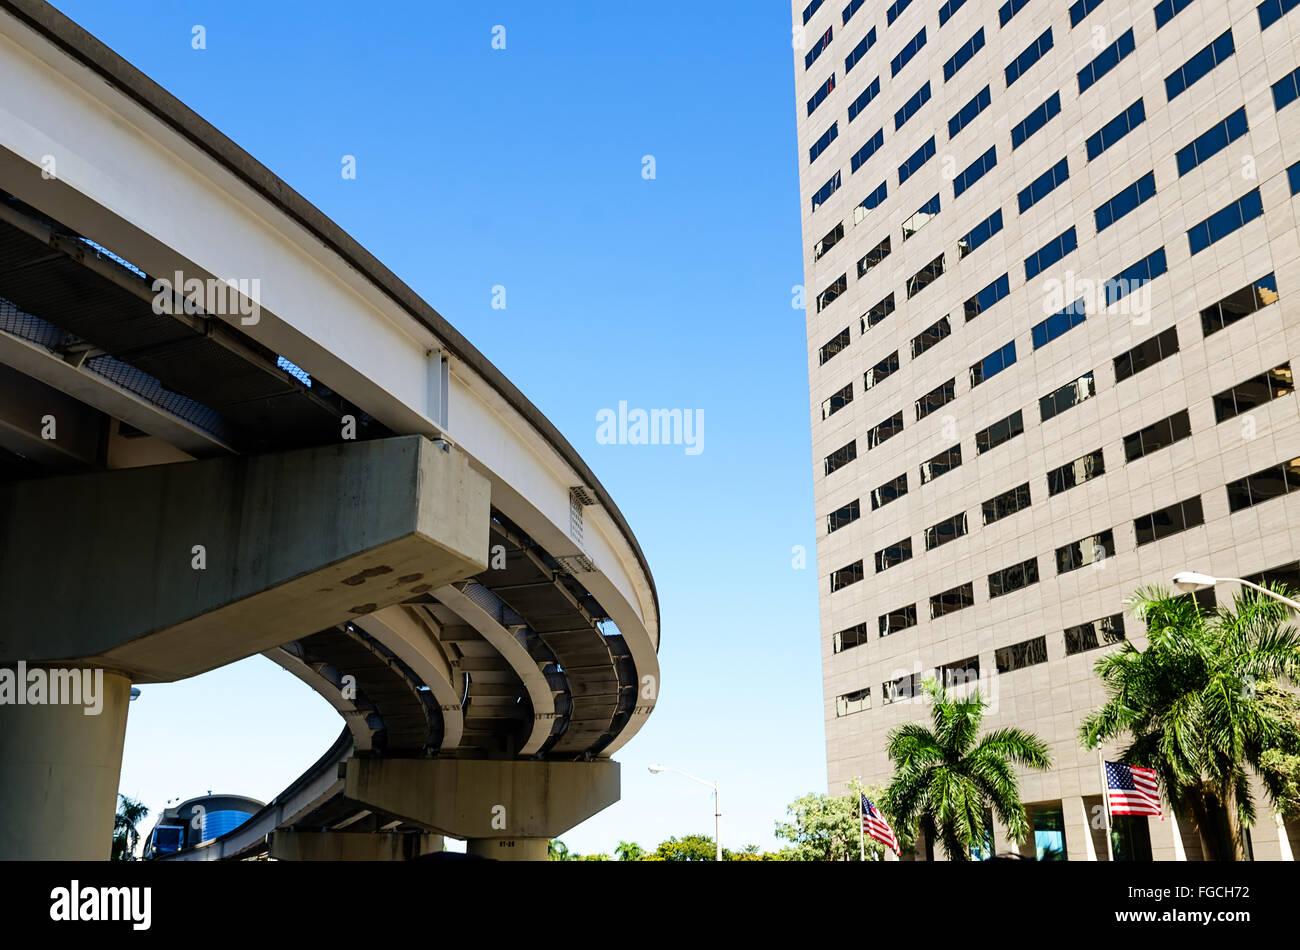 elevated commuter near modern skyscraper building in Miami - Stock Image